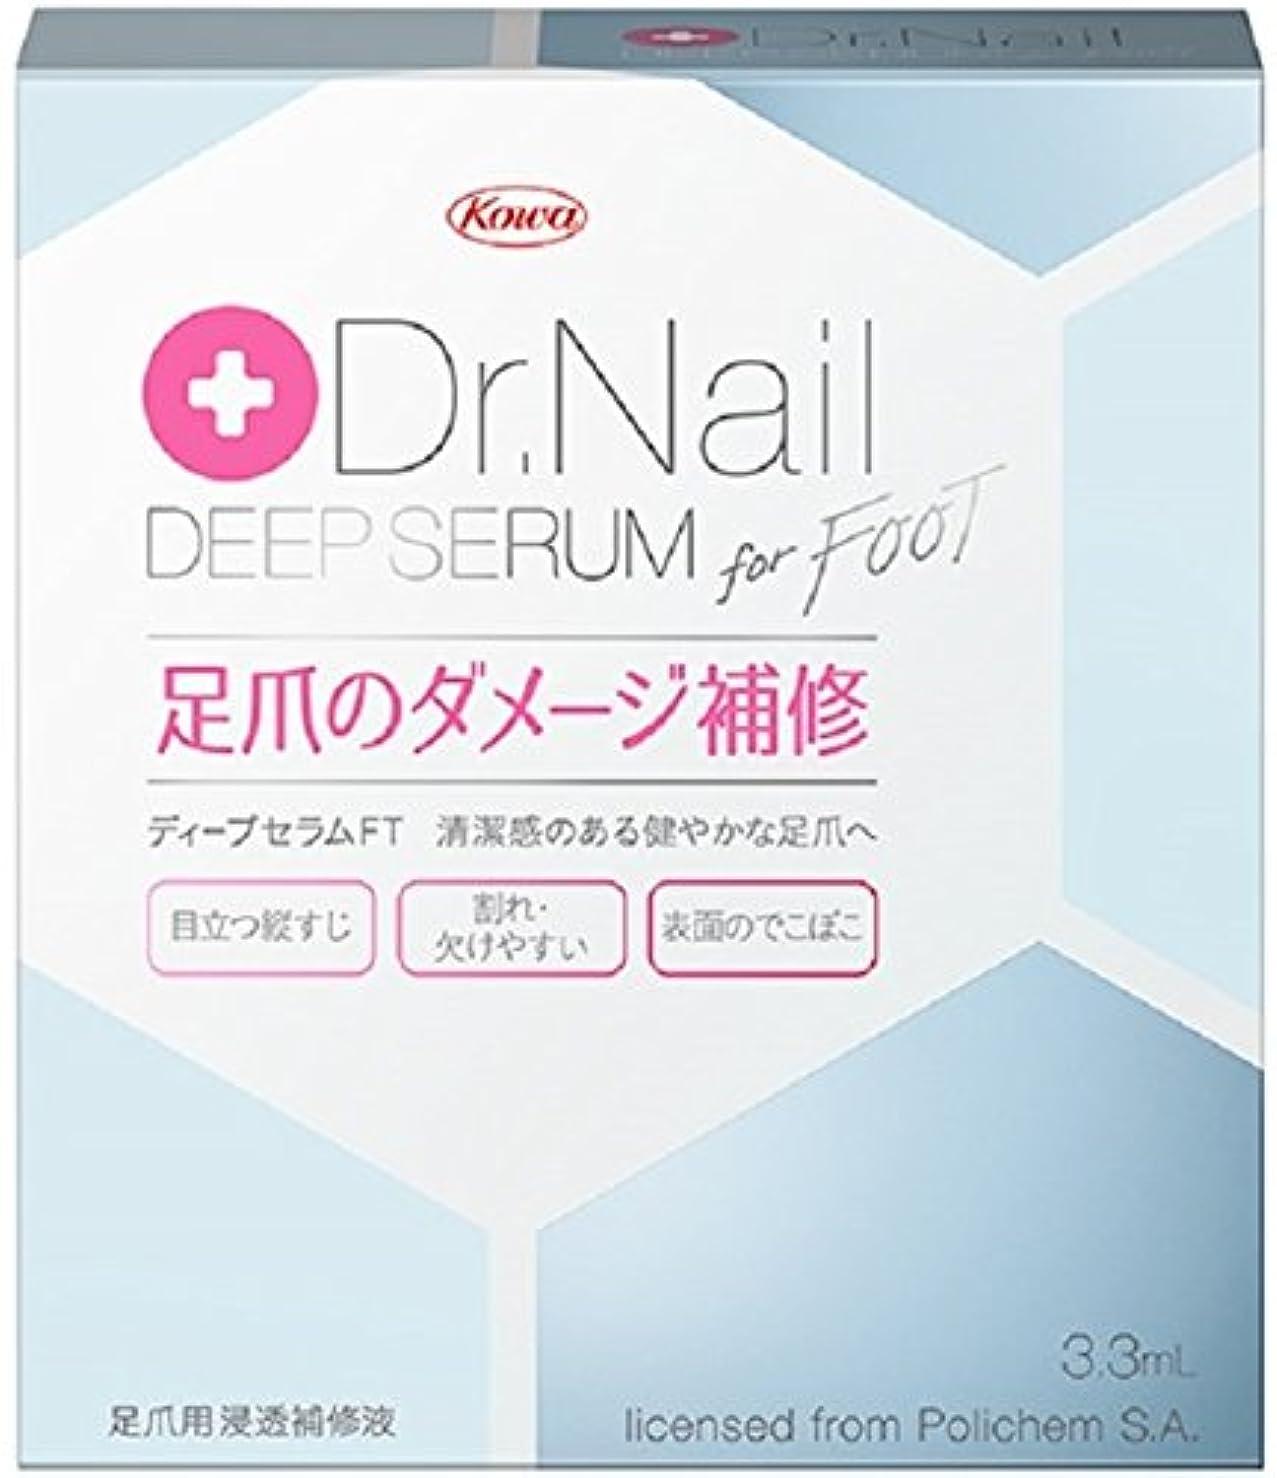 エスカレーターマーキーブーム興和(コーワ) Dr.Nail DEEP SERUM for FOOT ドクターネイル ディープセラム 足爪用 3.3ml